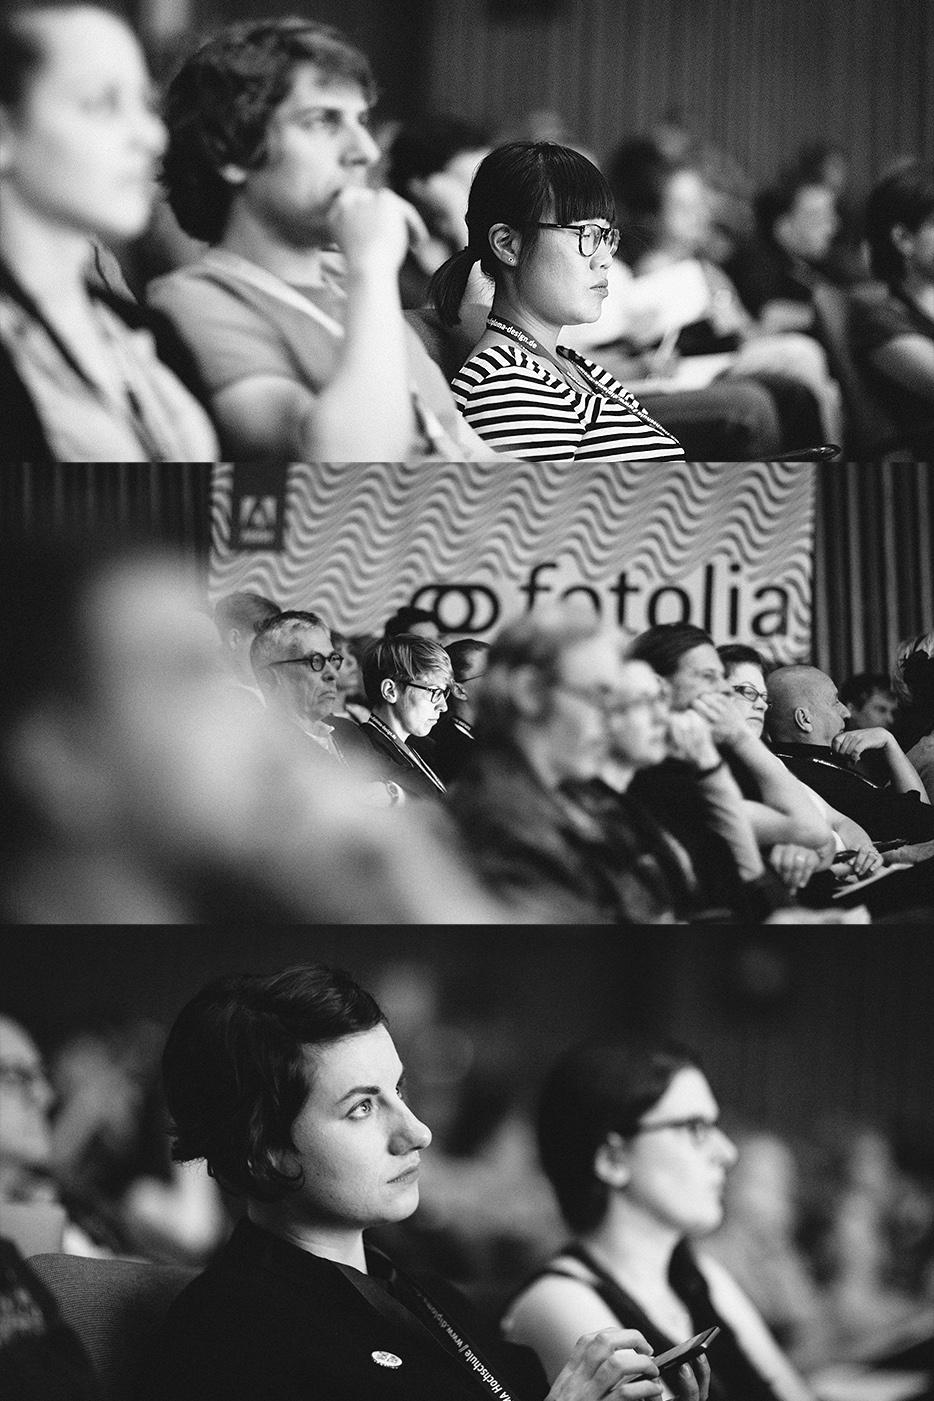 Konzentriert auf dem Weg vom Talk zum Blog-Post: Maggie Tang, Chris Campe, Kristina Schneider. © Norman Posselt / Monotype